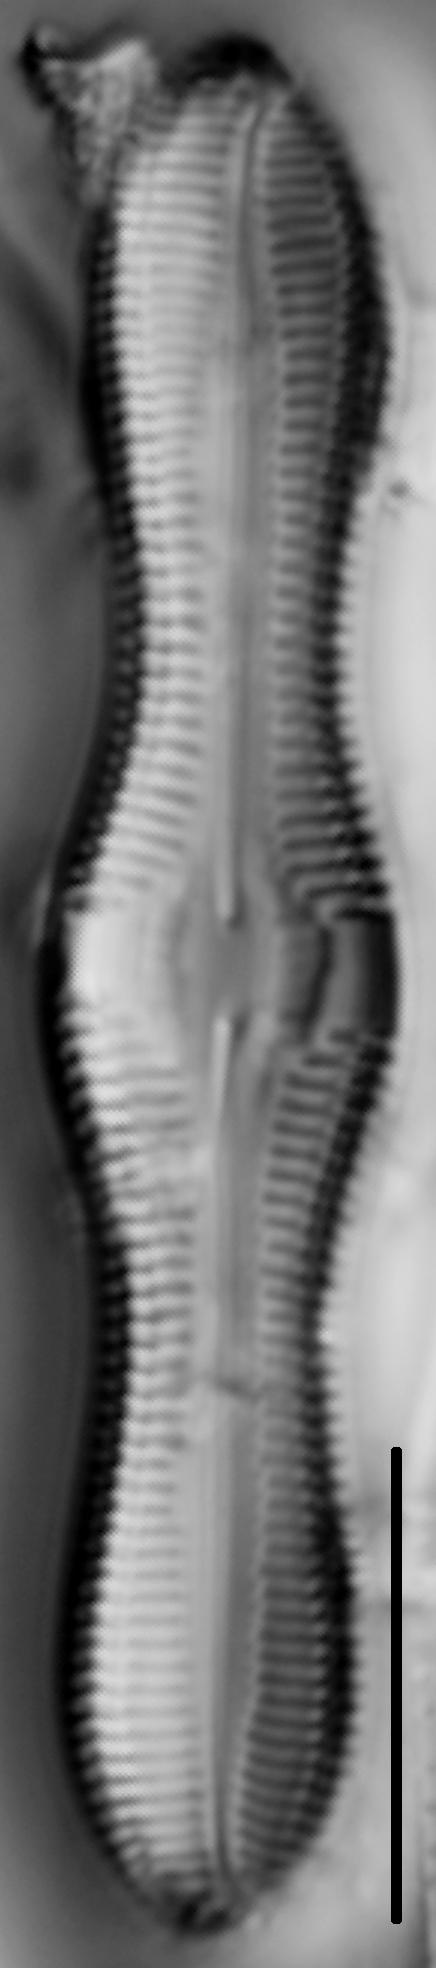 Caloneis Silicula 004